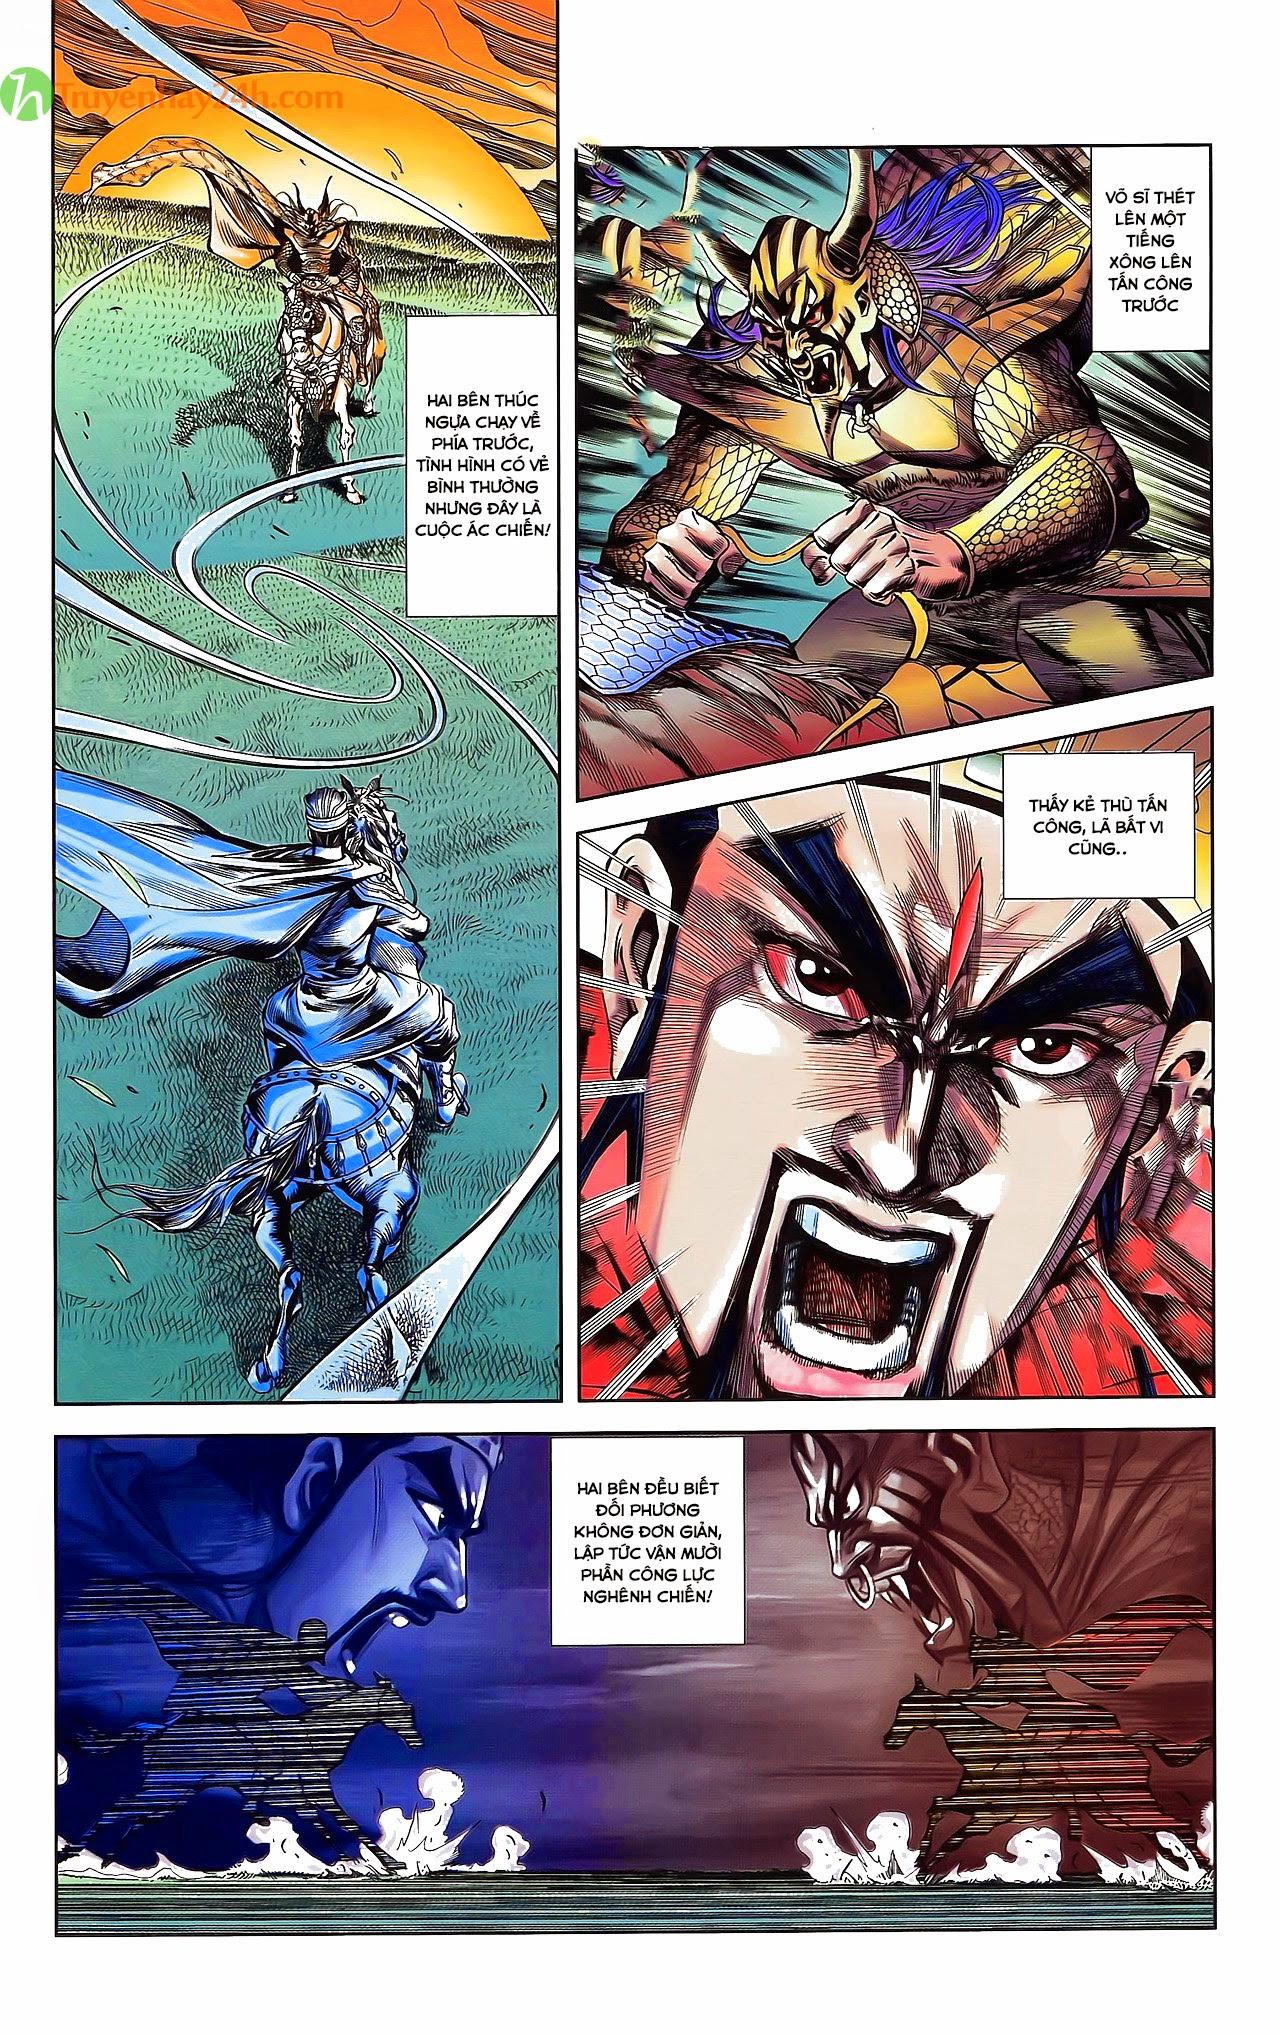 Tần Vương Doanh Chính chapter 31 trang 5